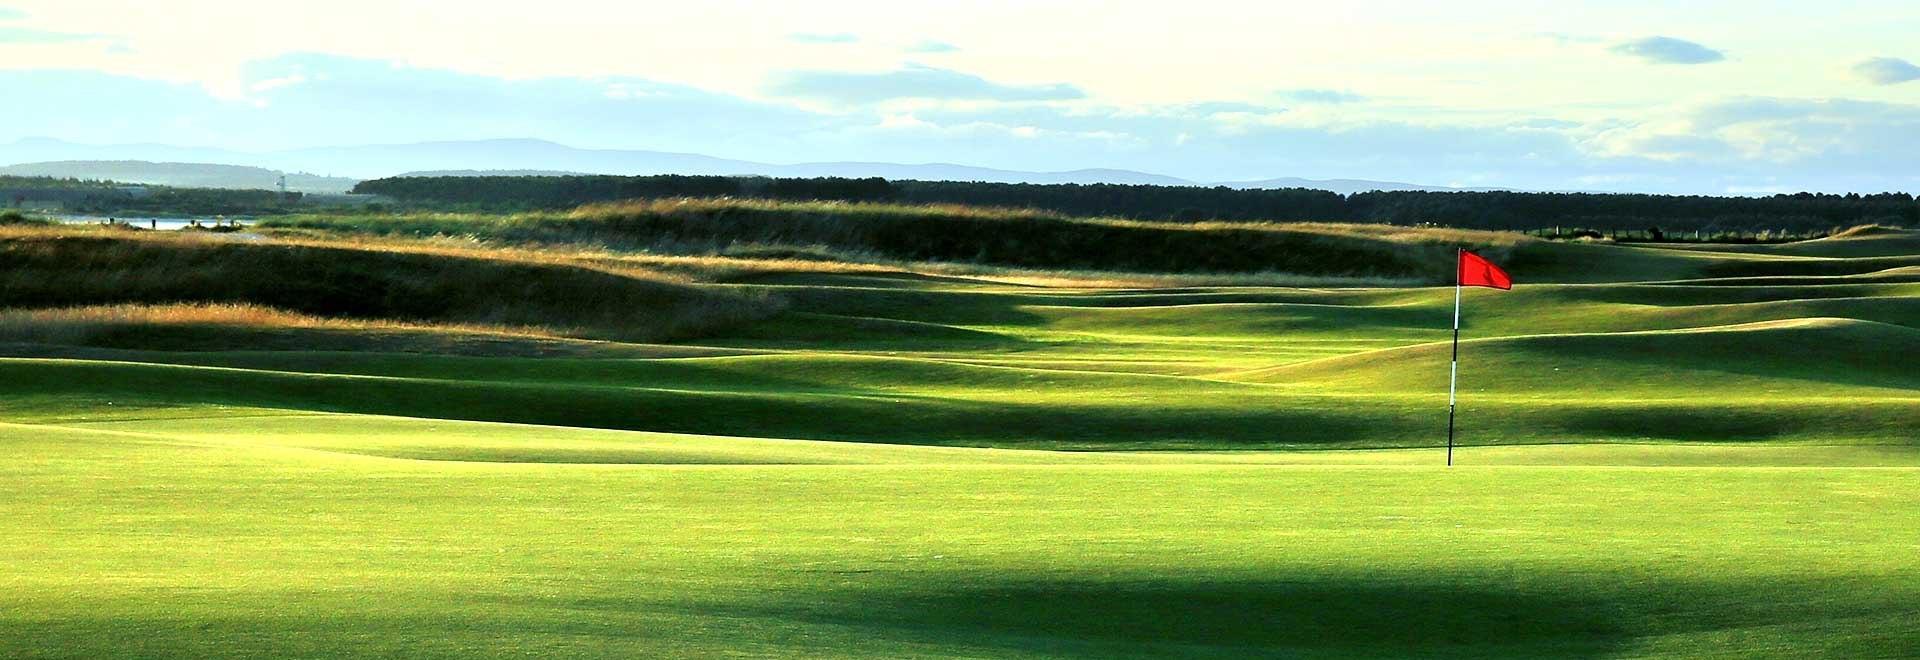 PGA European Tour 2012